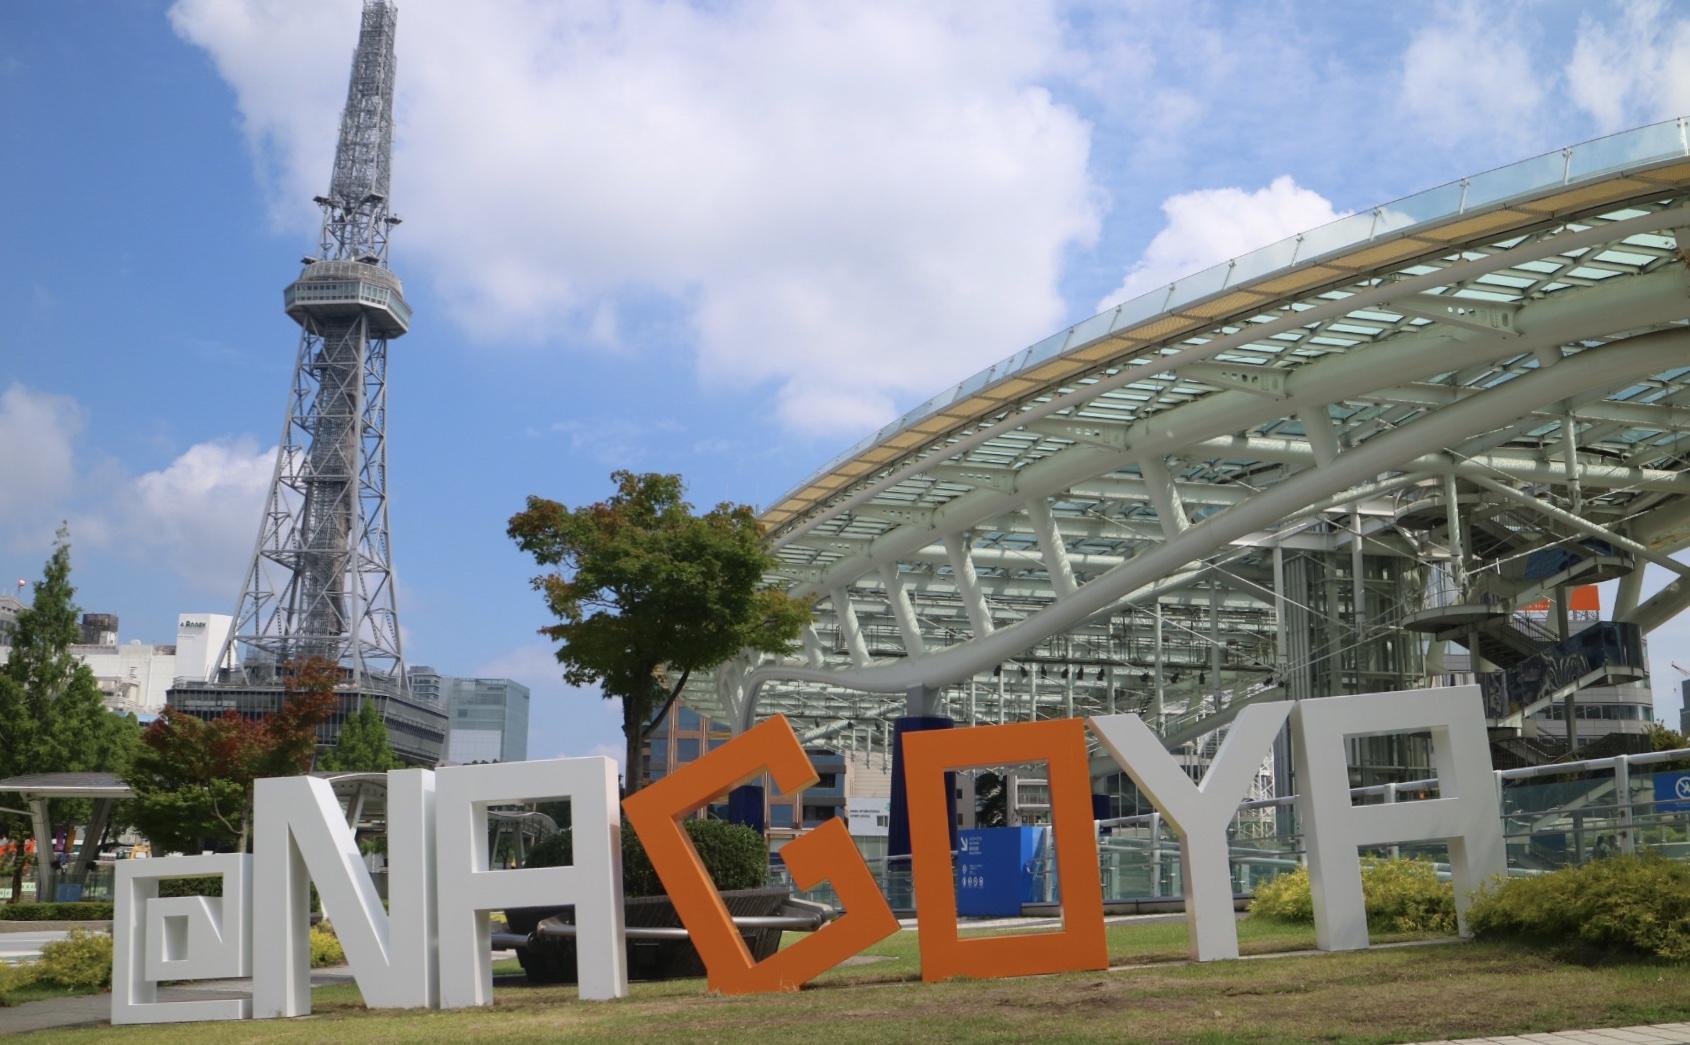 名古屋で出会いのある場所27選!異性と出会えるおすすめスポット【2021】